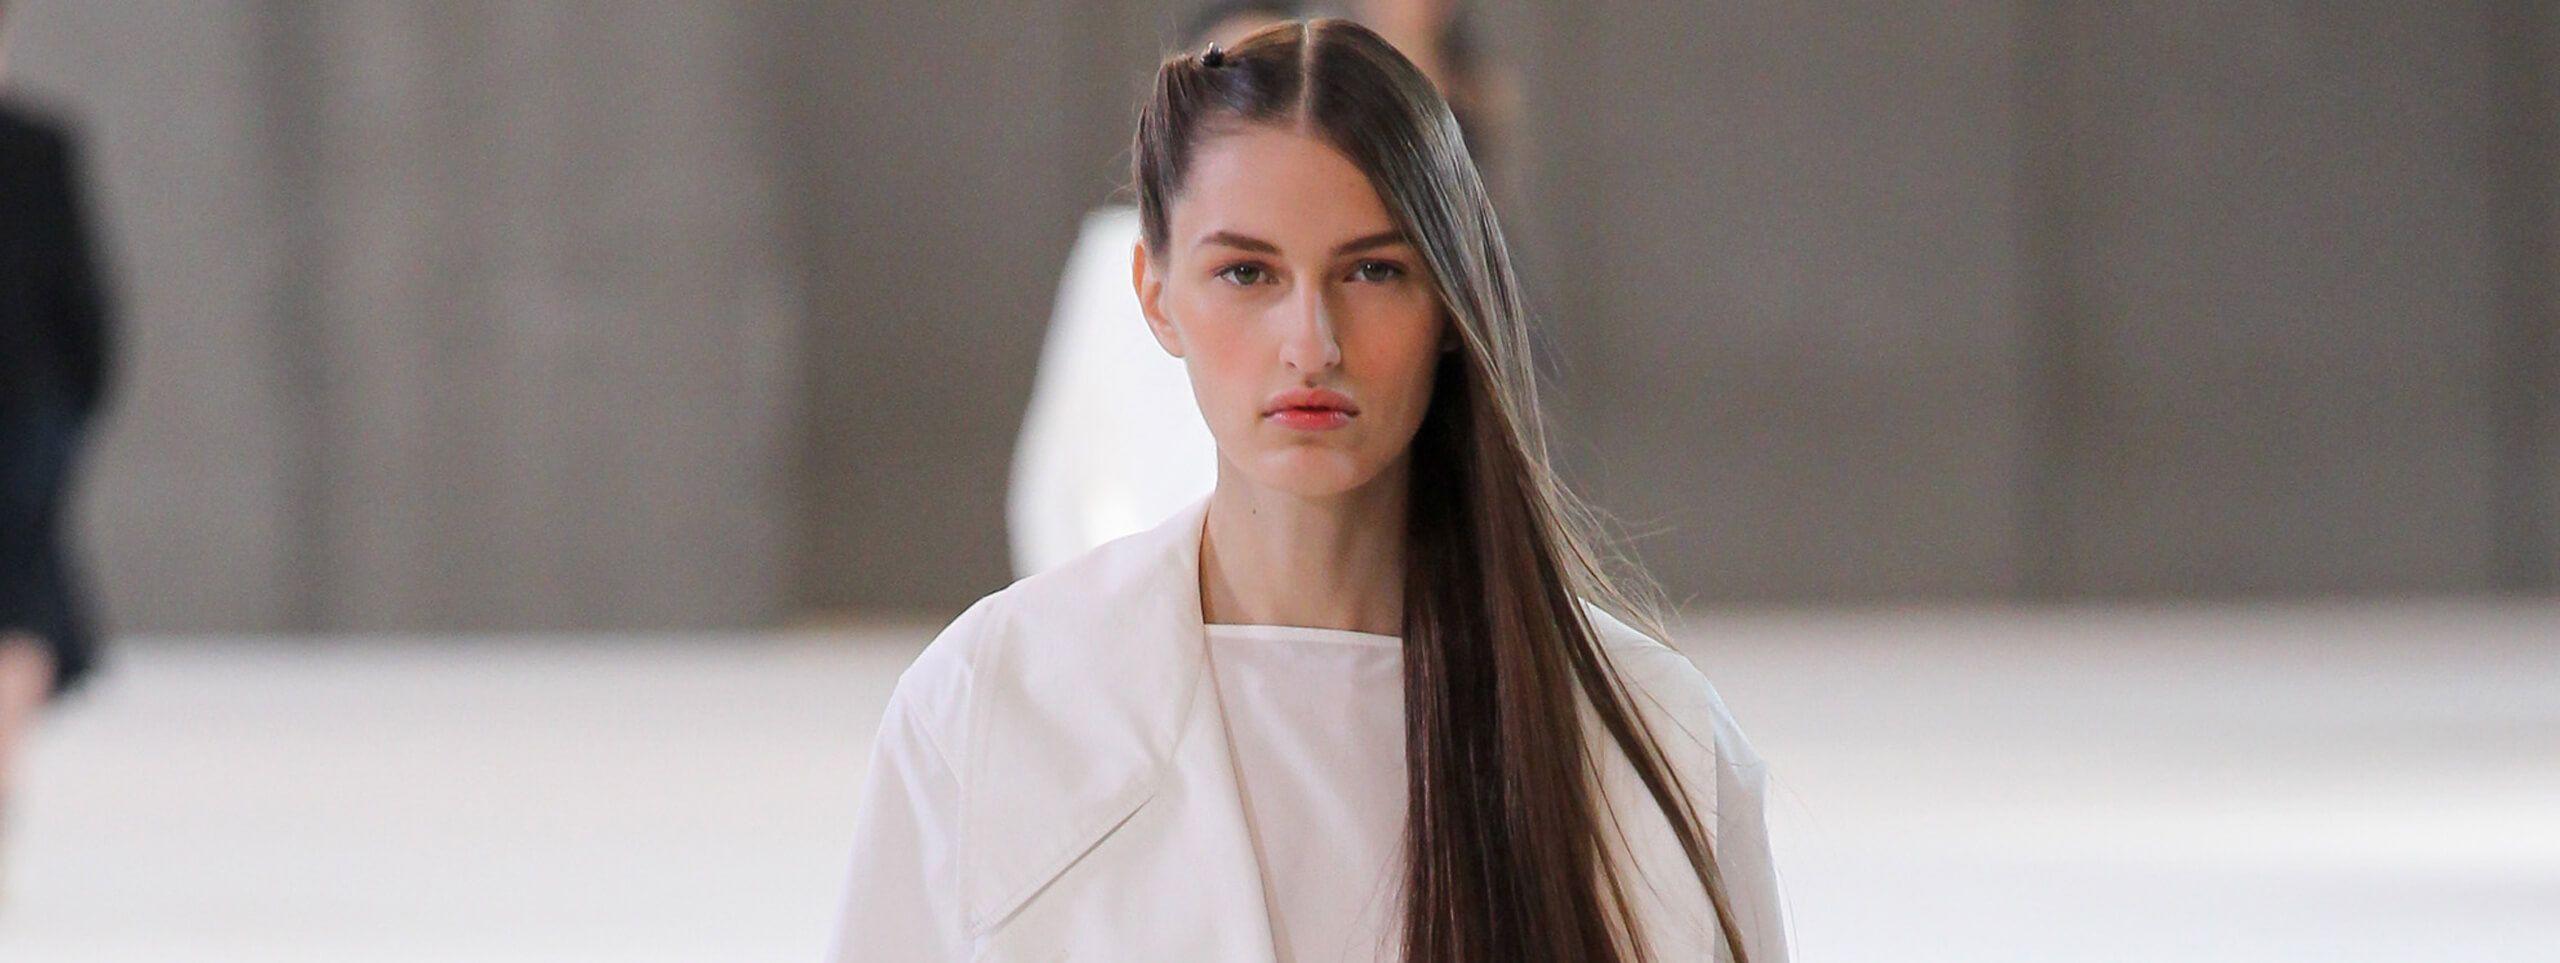 Modella con capelli lisci castani raccolti da un lato